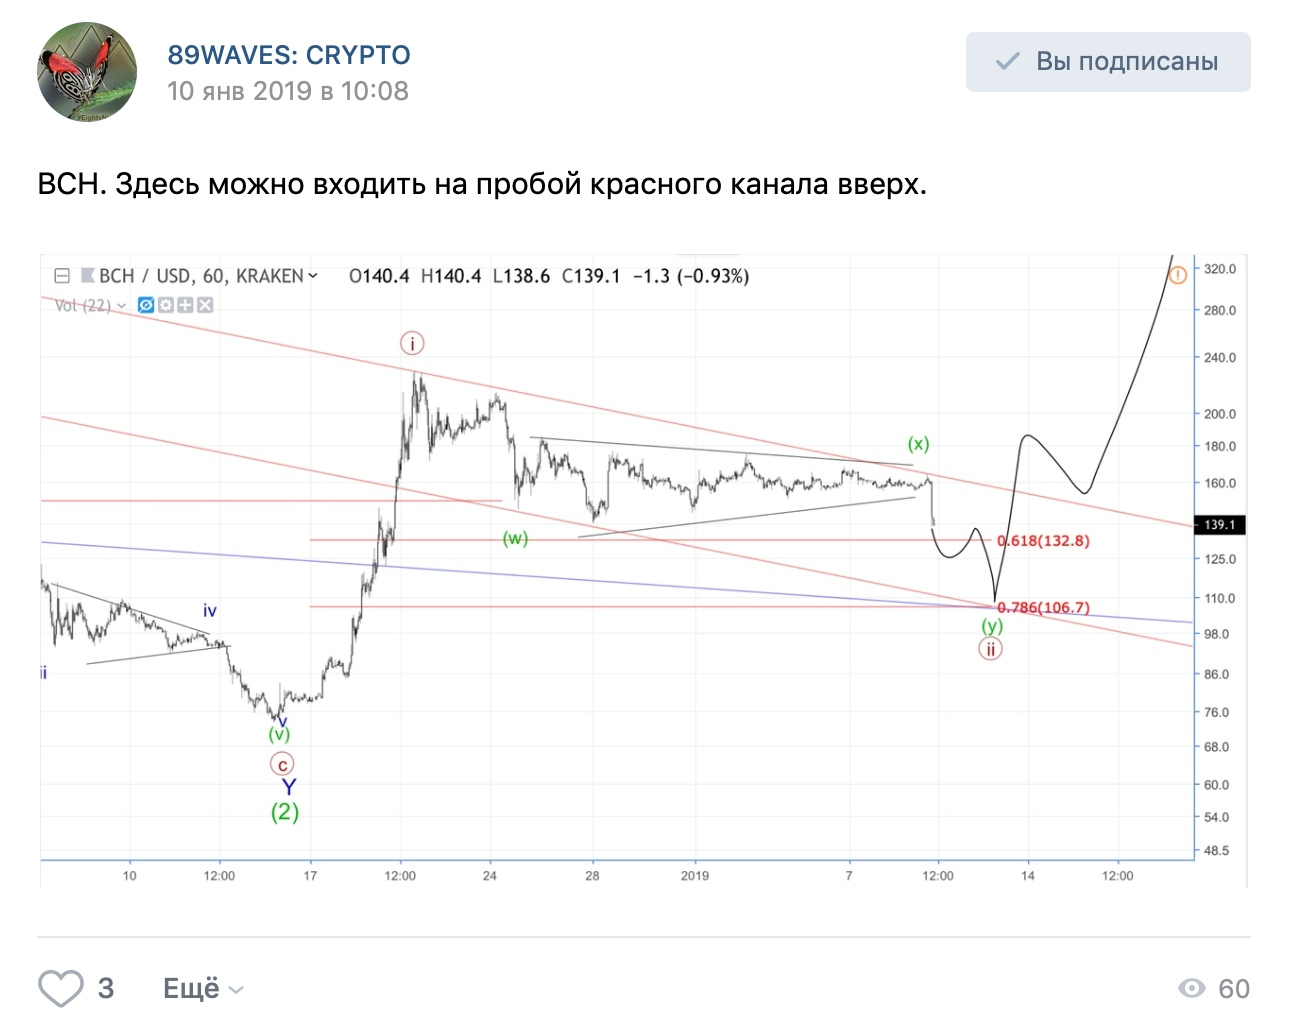 Волновой анализ USD/CHF, Сбербанка и BCH/USD.